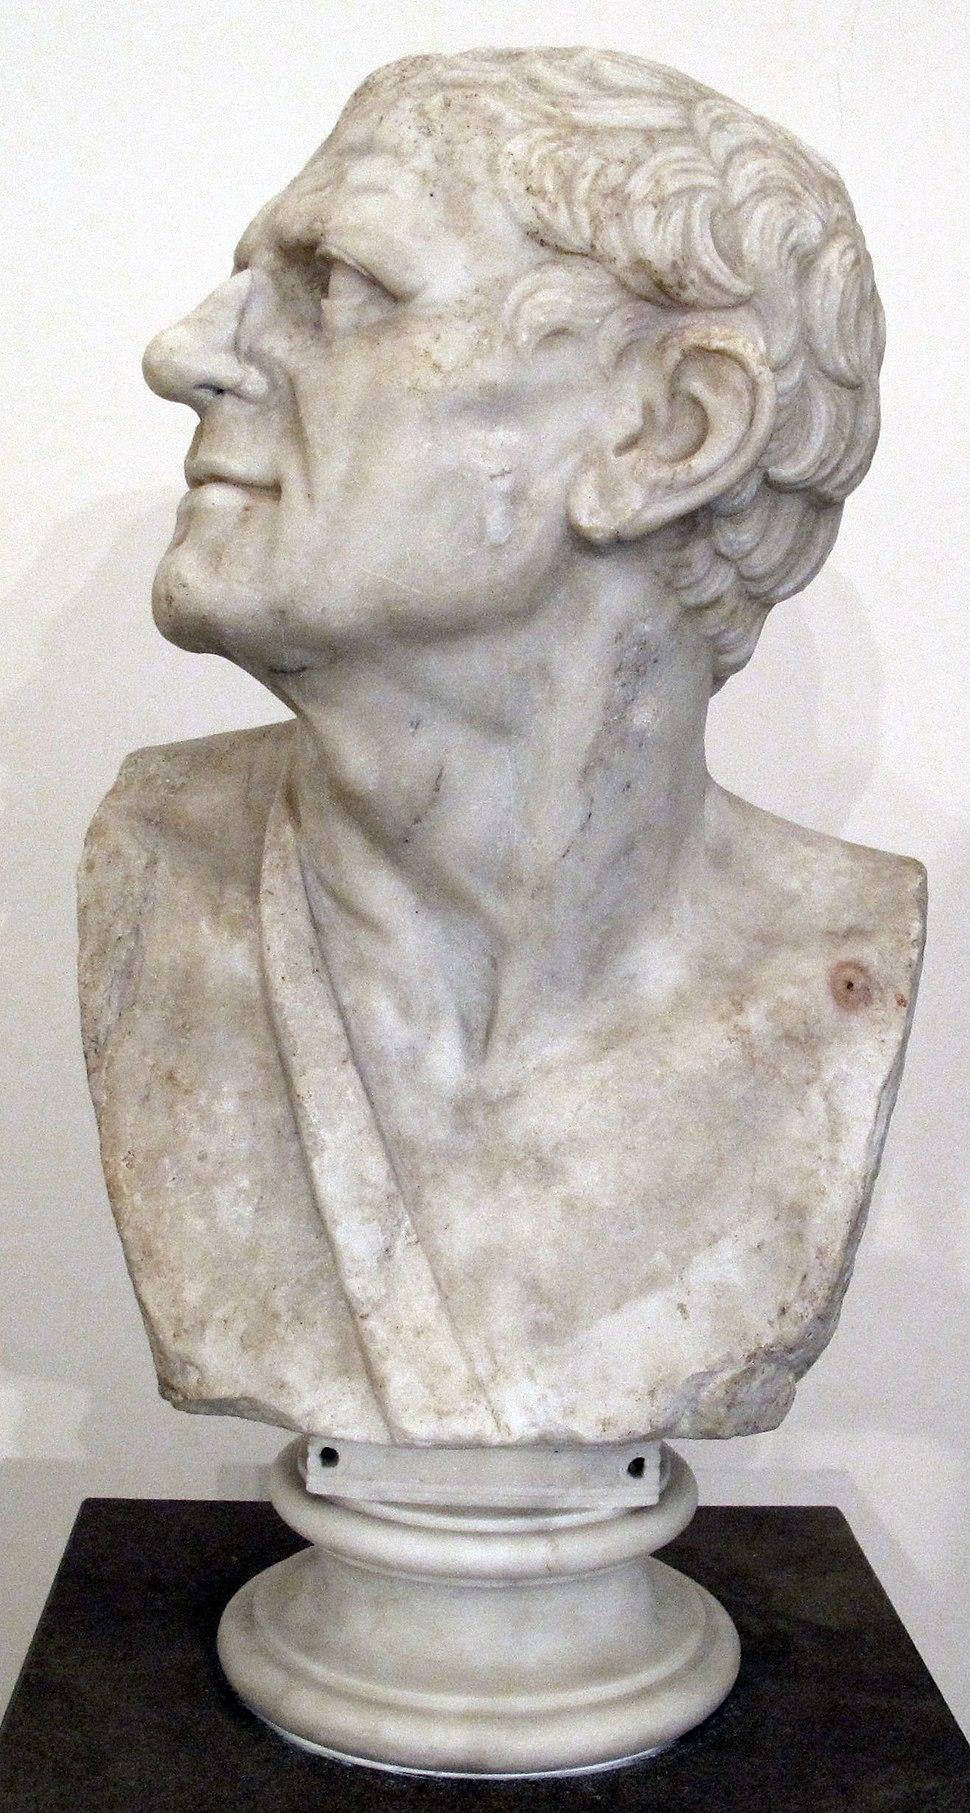 Lisimaco (c.d.), copia augustea (23 ac-14 dc) da orig. del II sec ac. 6141